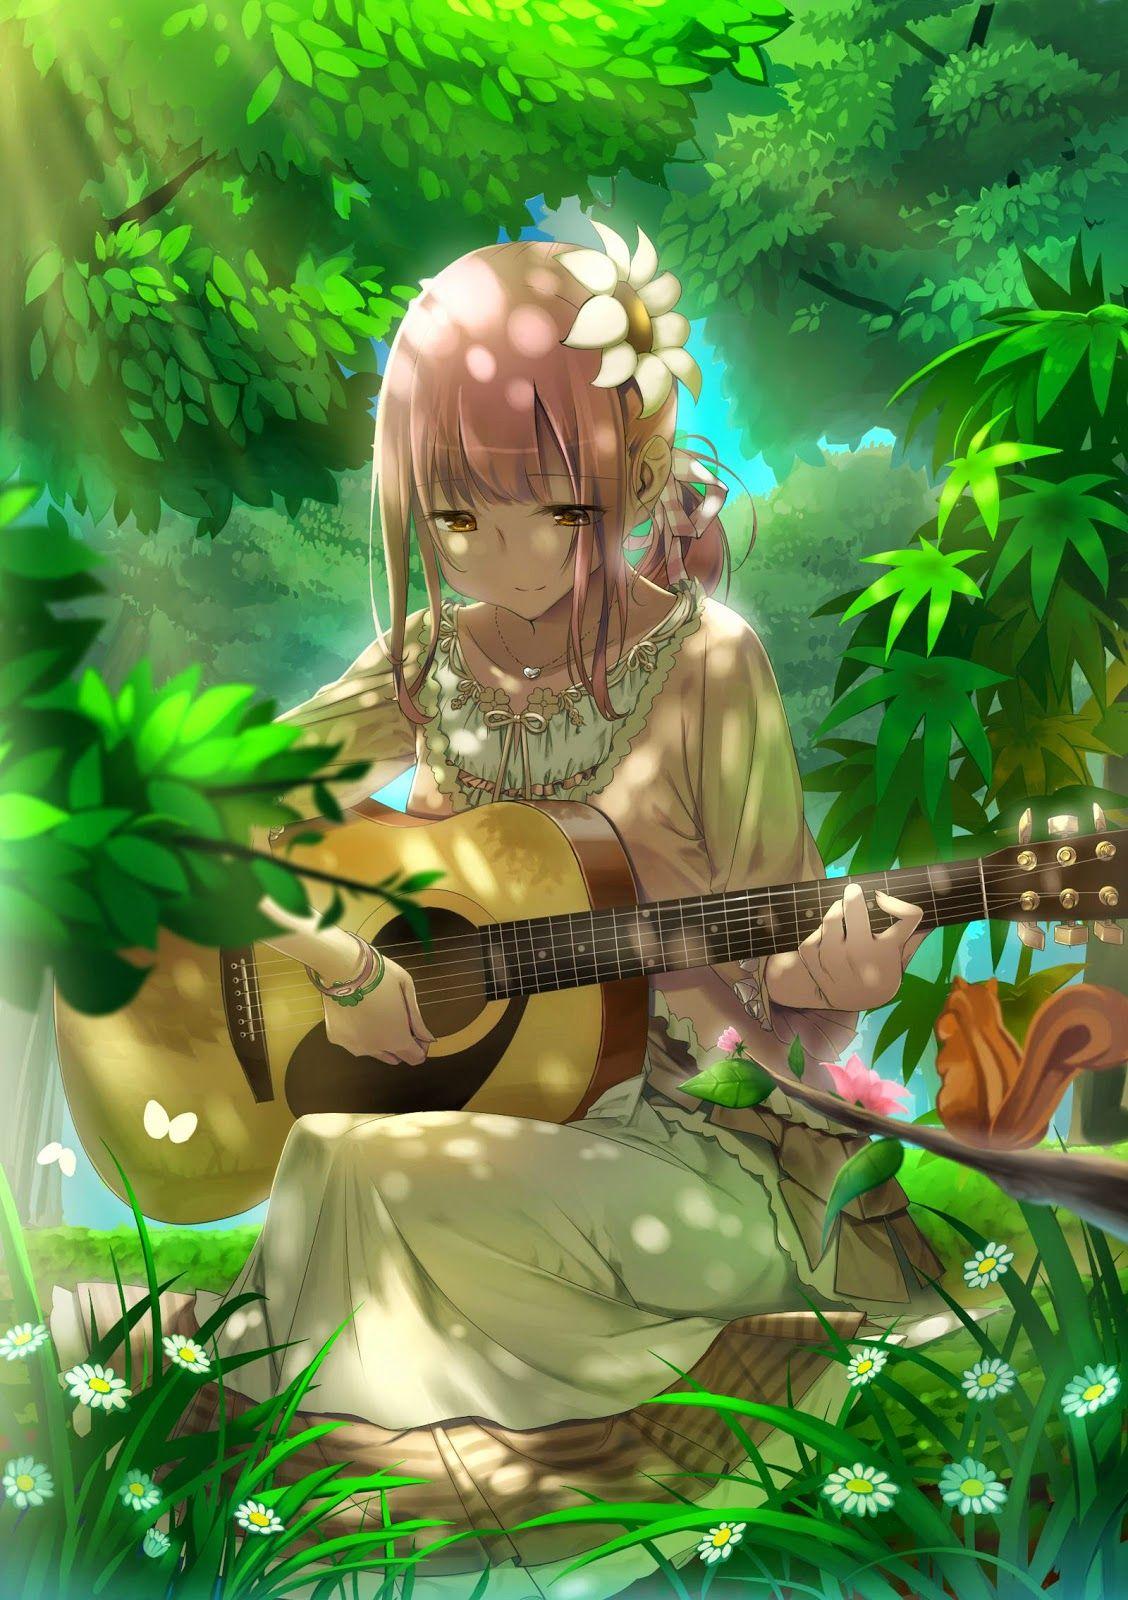 Anime girl with guitar anime manga pinterest